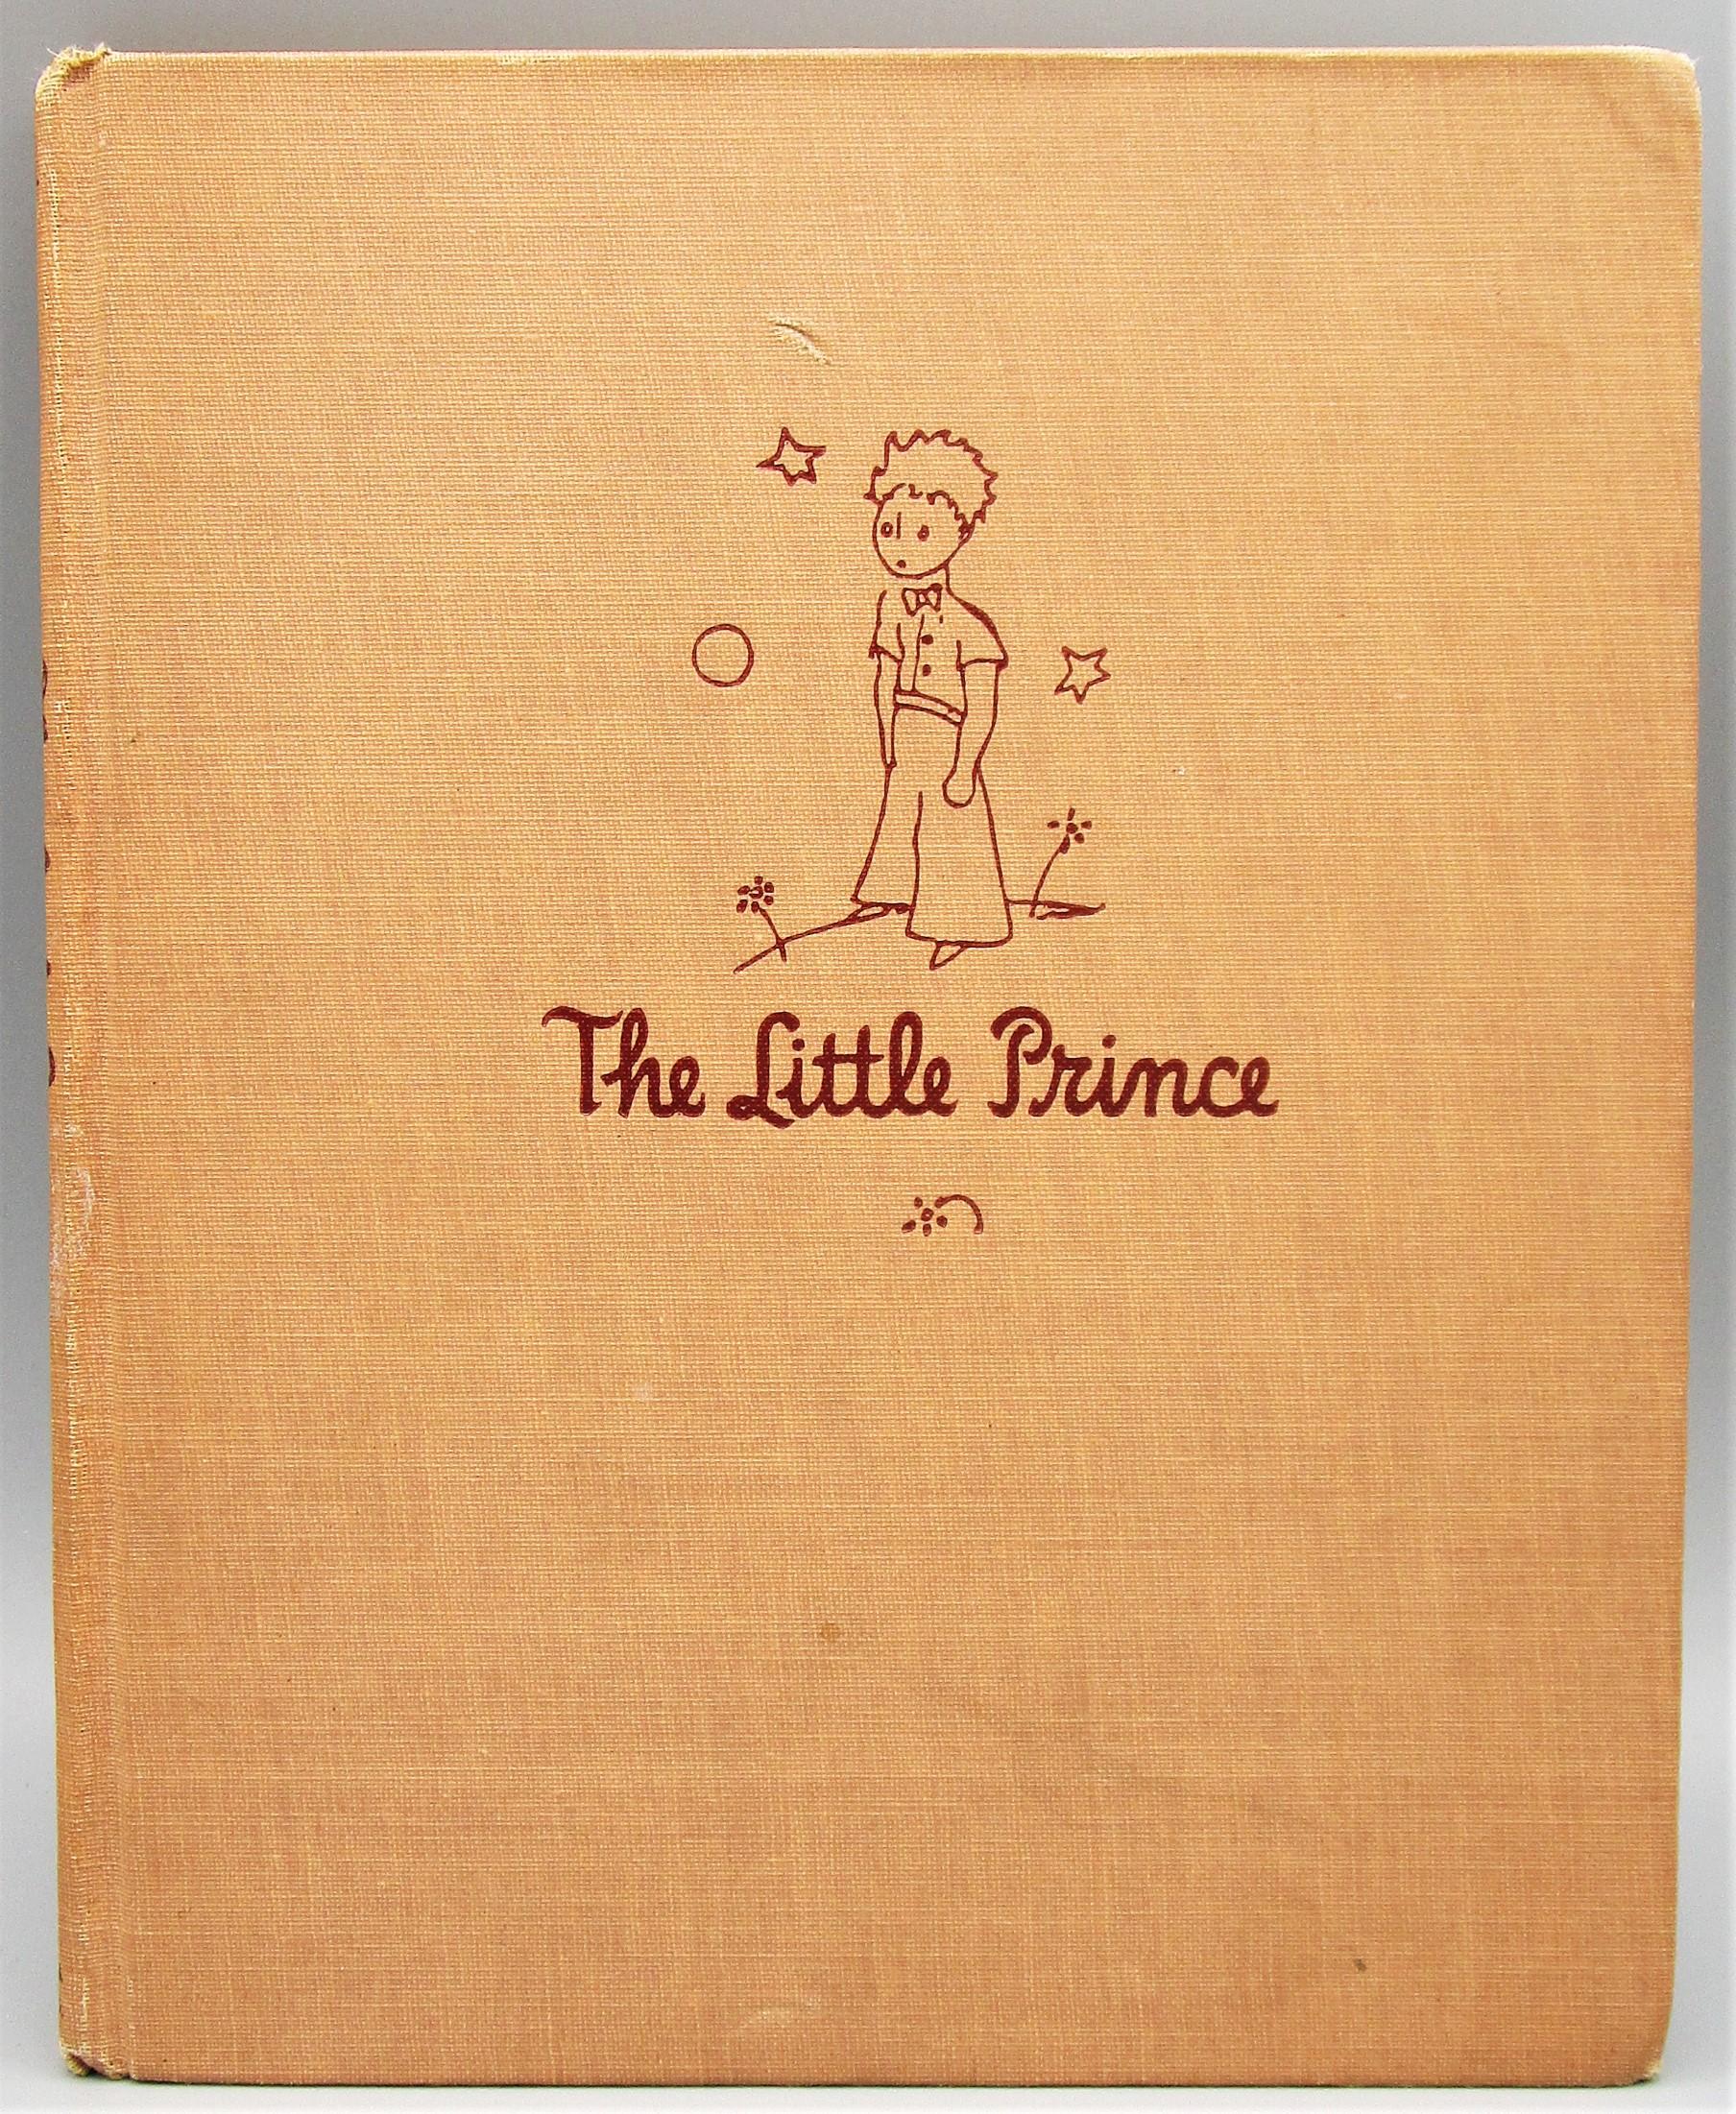 THE LITTLE PRINCE, by Antoine de Saint-Exupery - 1943 [1st Ed]